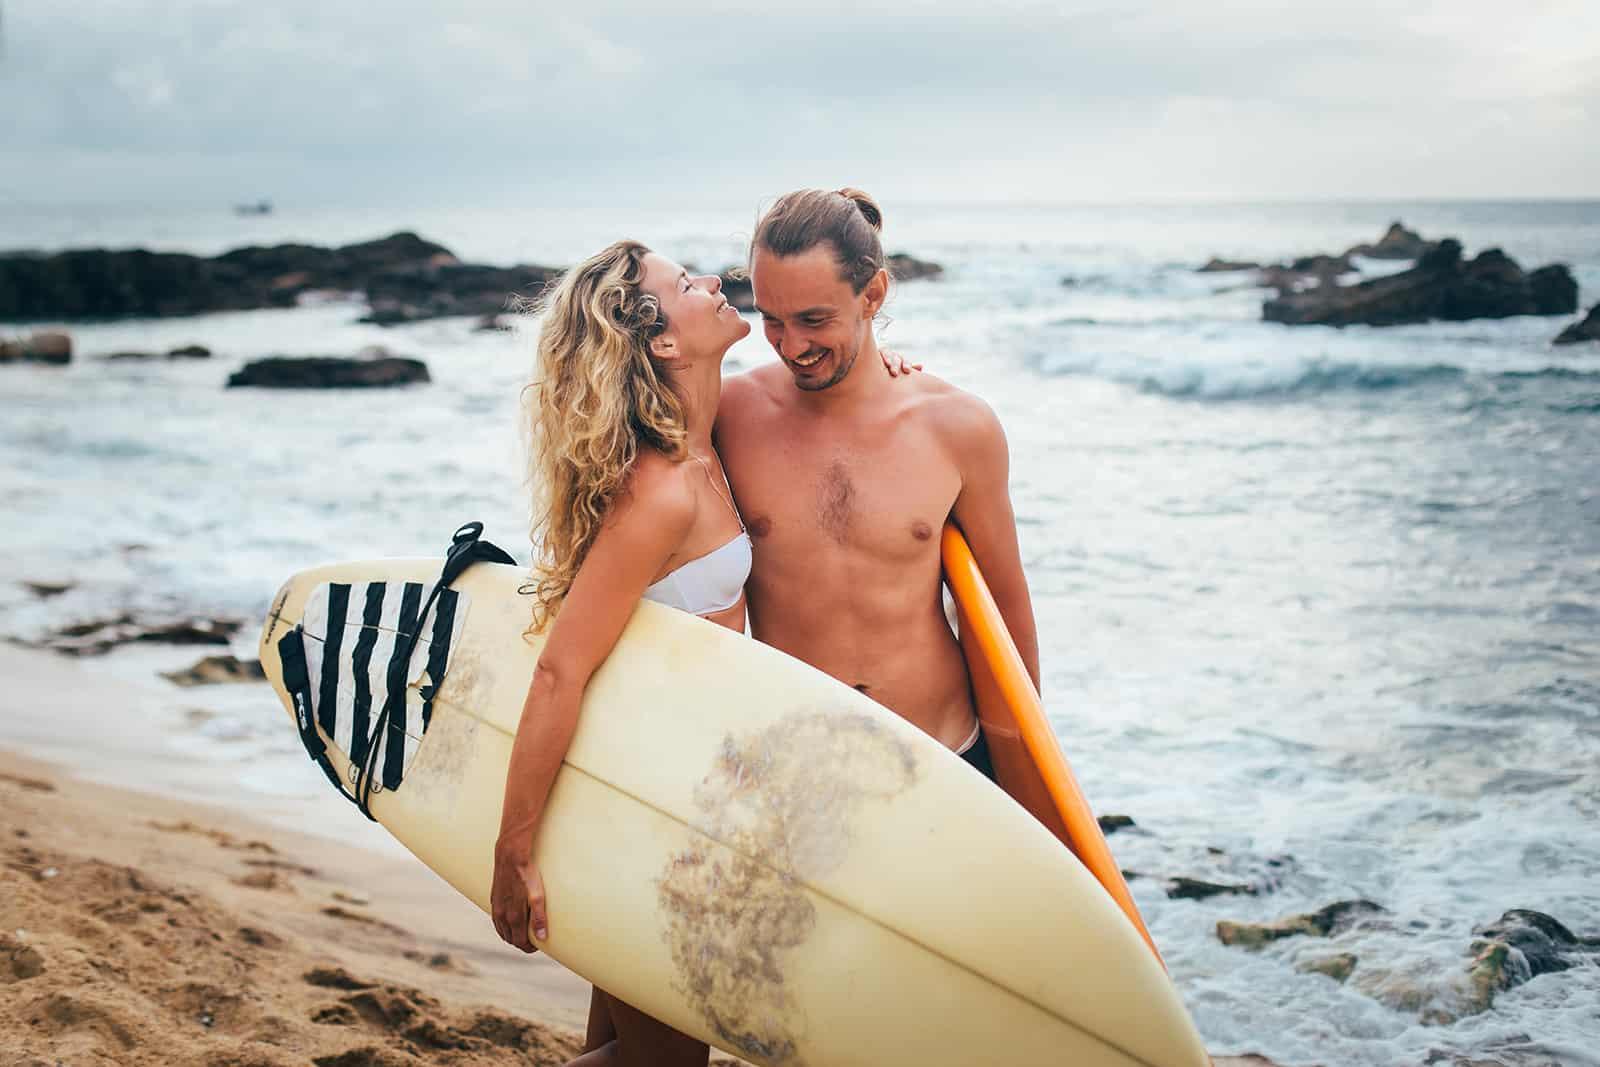 un couple amoureux étreignant tout en tenant des planches de surf sur la plage